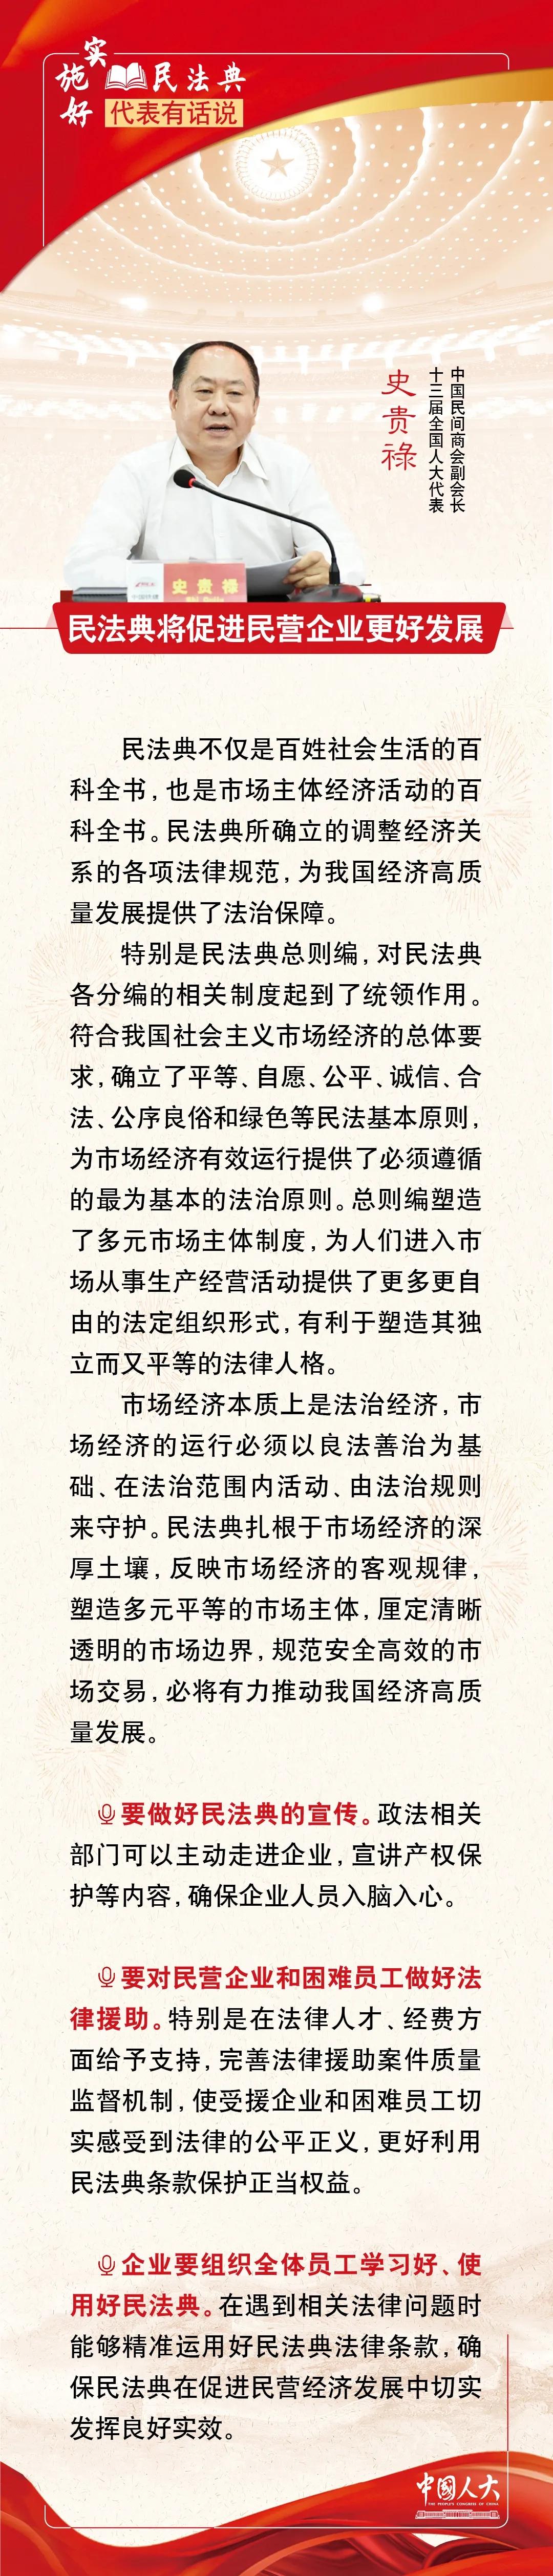 史贵禄:民法典将促进民营企业更好发展